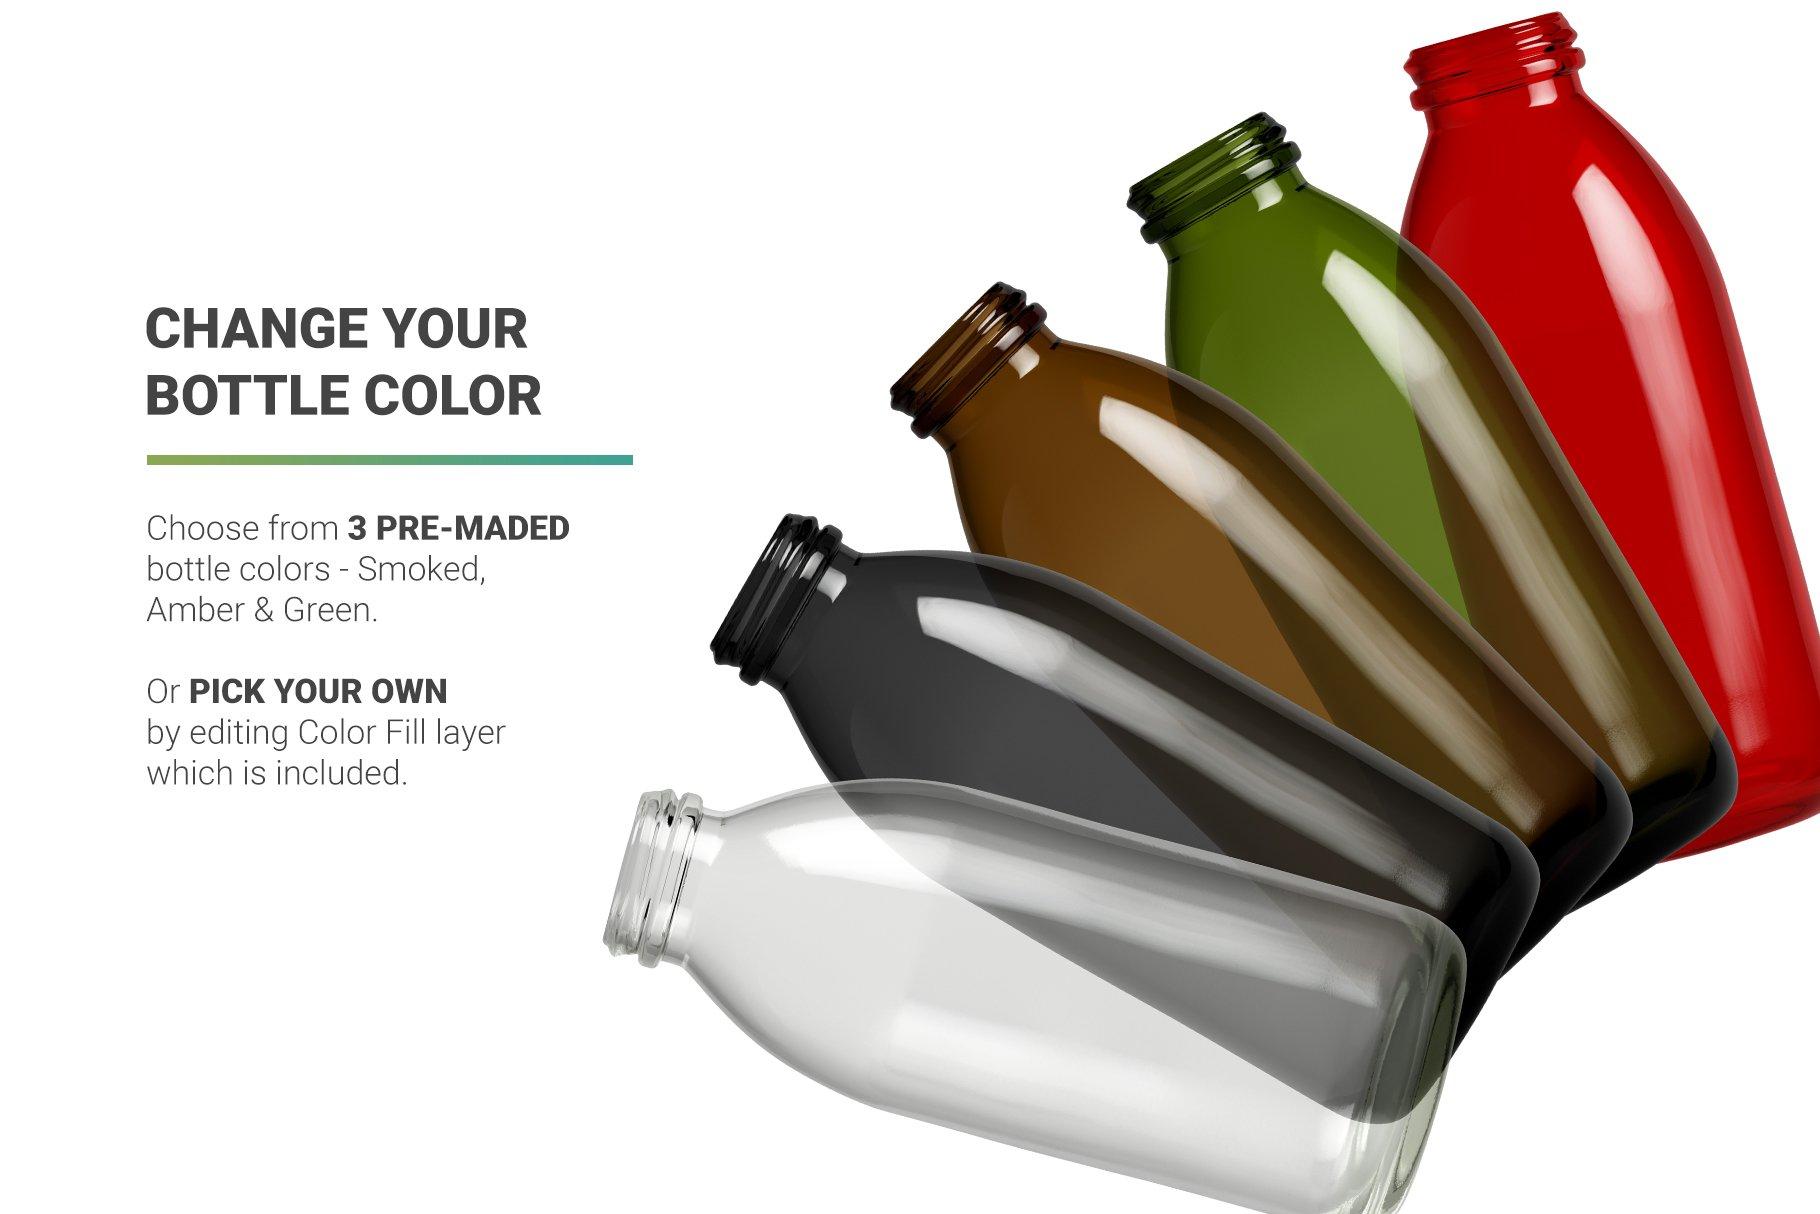 高分辨率鲜奶玻璃瓶设计展示贴图样机 Milk Cocoa Bottle Mockup插图6